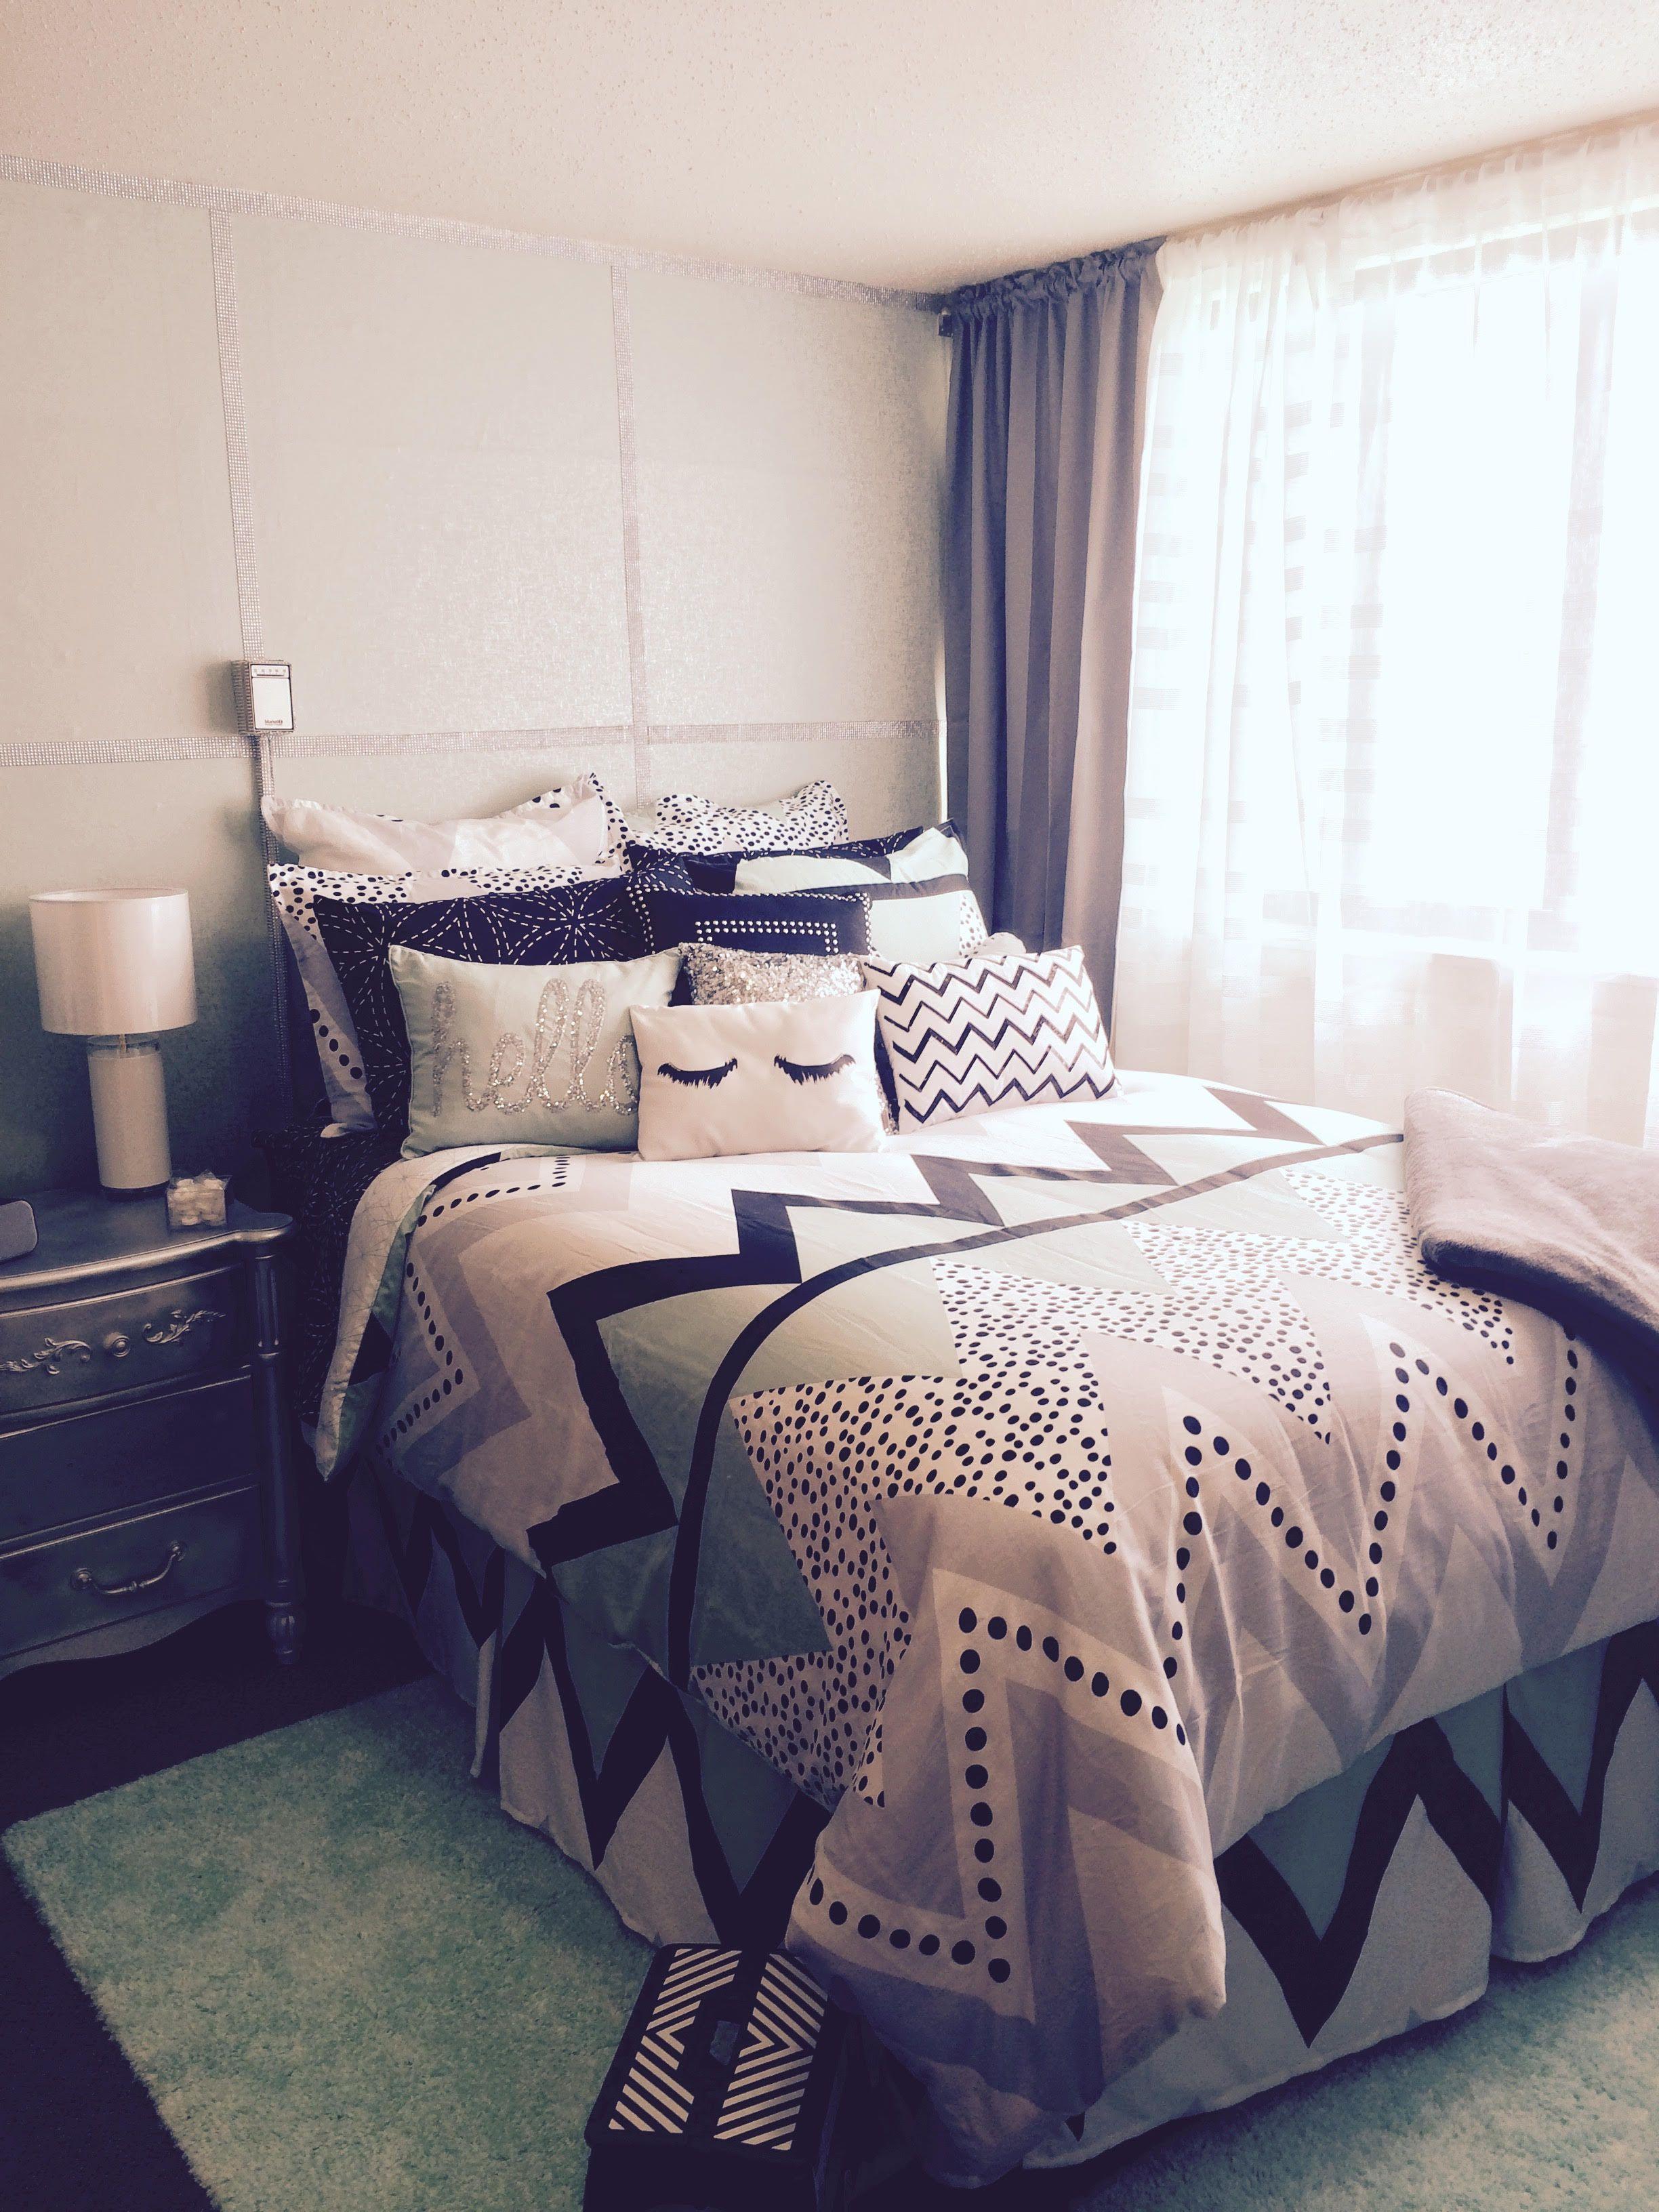 Dream Dorm Room: #mydormifystyle Dormify.com